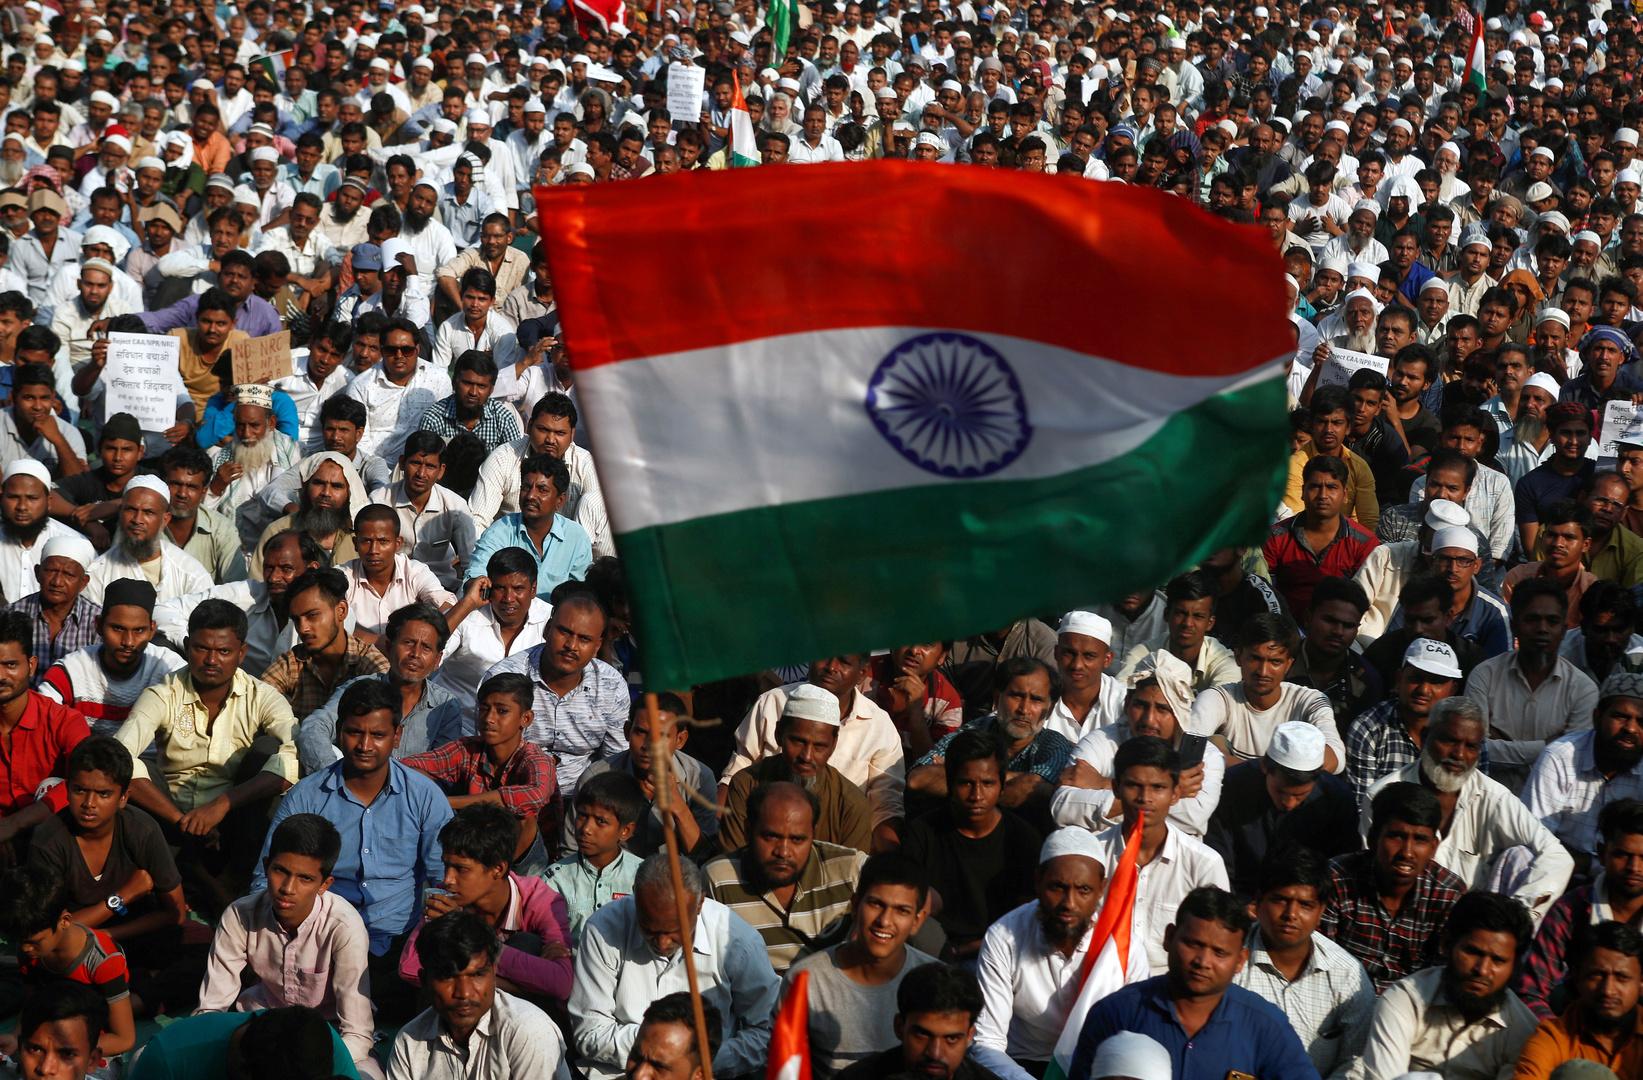 الهند تشكوى باكستان في مجلس الأمن بسبب هجوم كبير